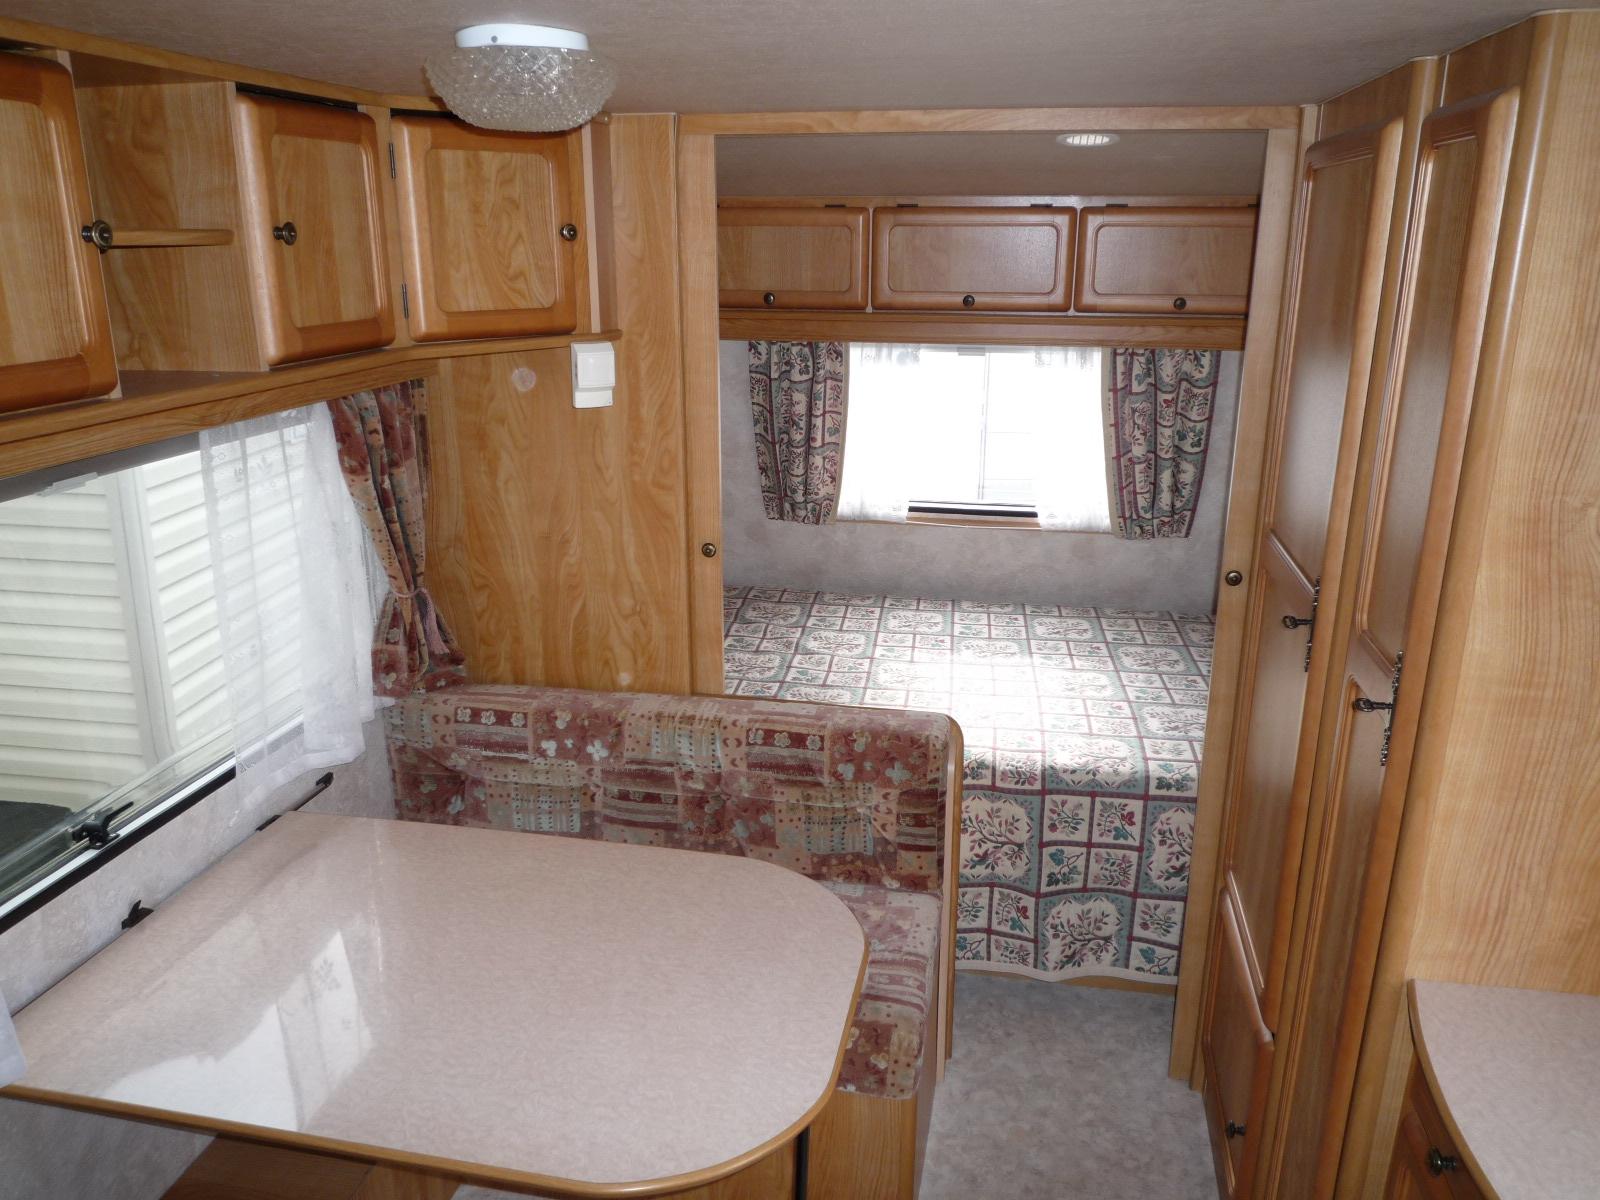 la mancelle 400 cb2 occasion de 1999 caravane en vente st leu d 39 esserent oise 60. Black Bedroom Furniture Sets. Home Design Ideas